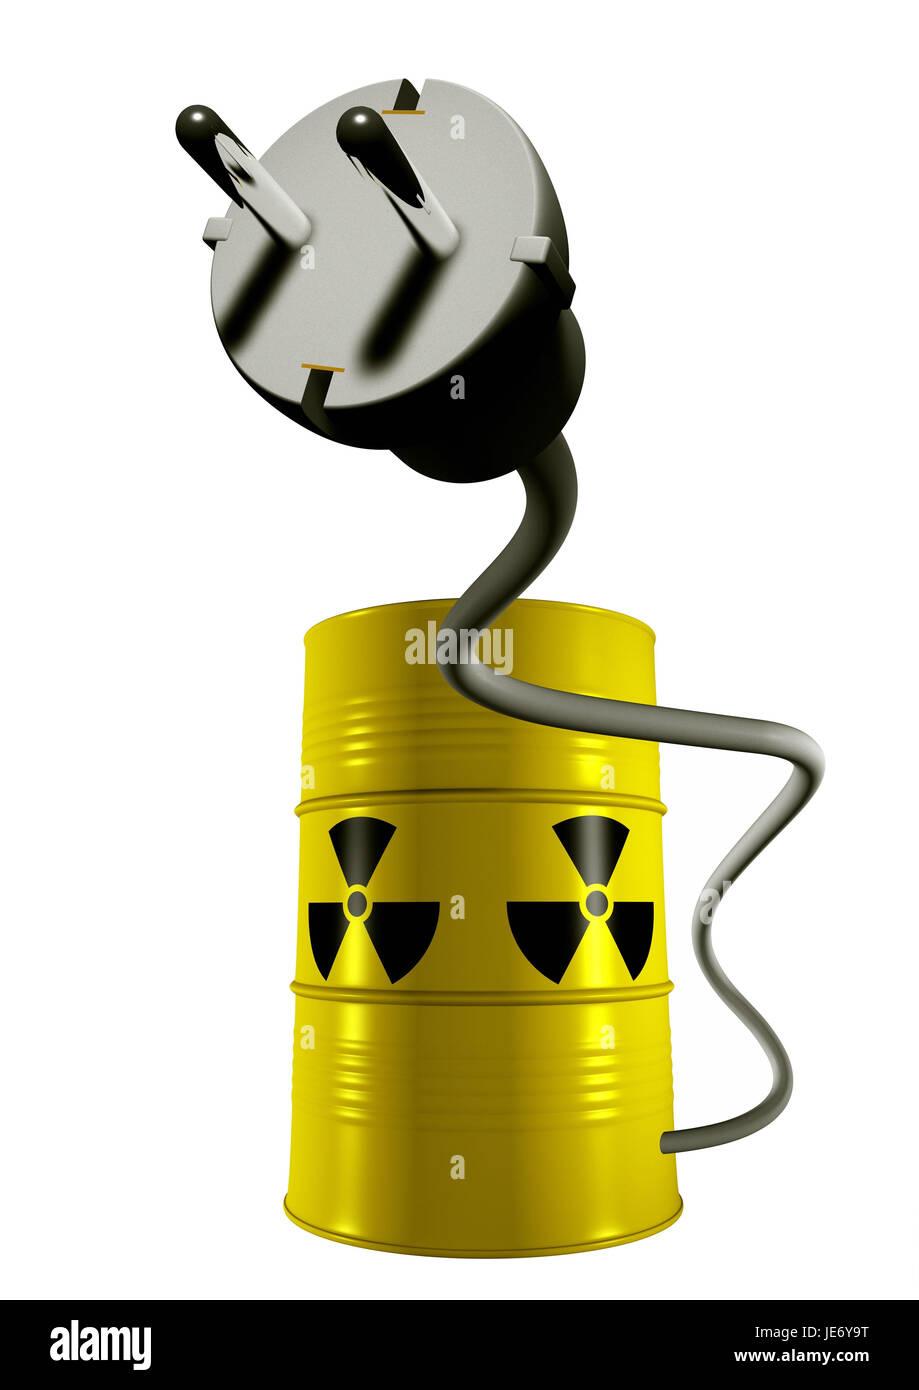 Nuclear energy, nuclear energy, Stock Photo